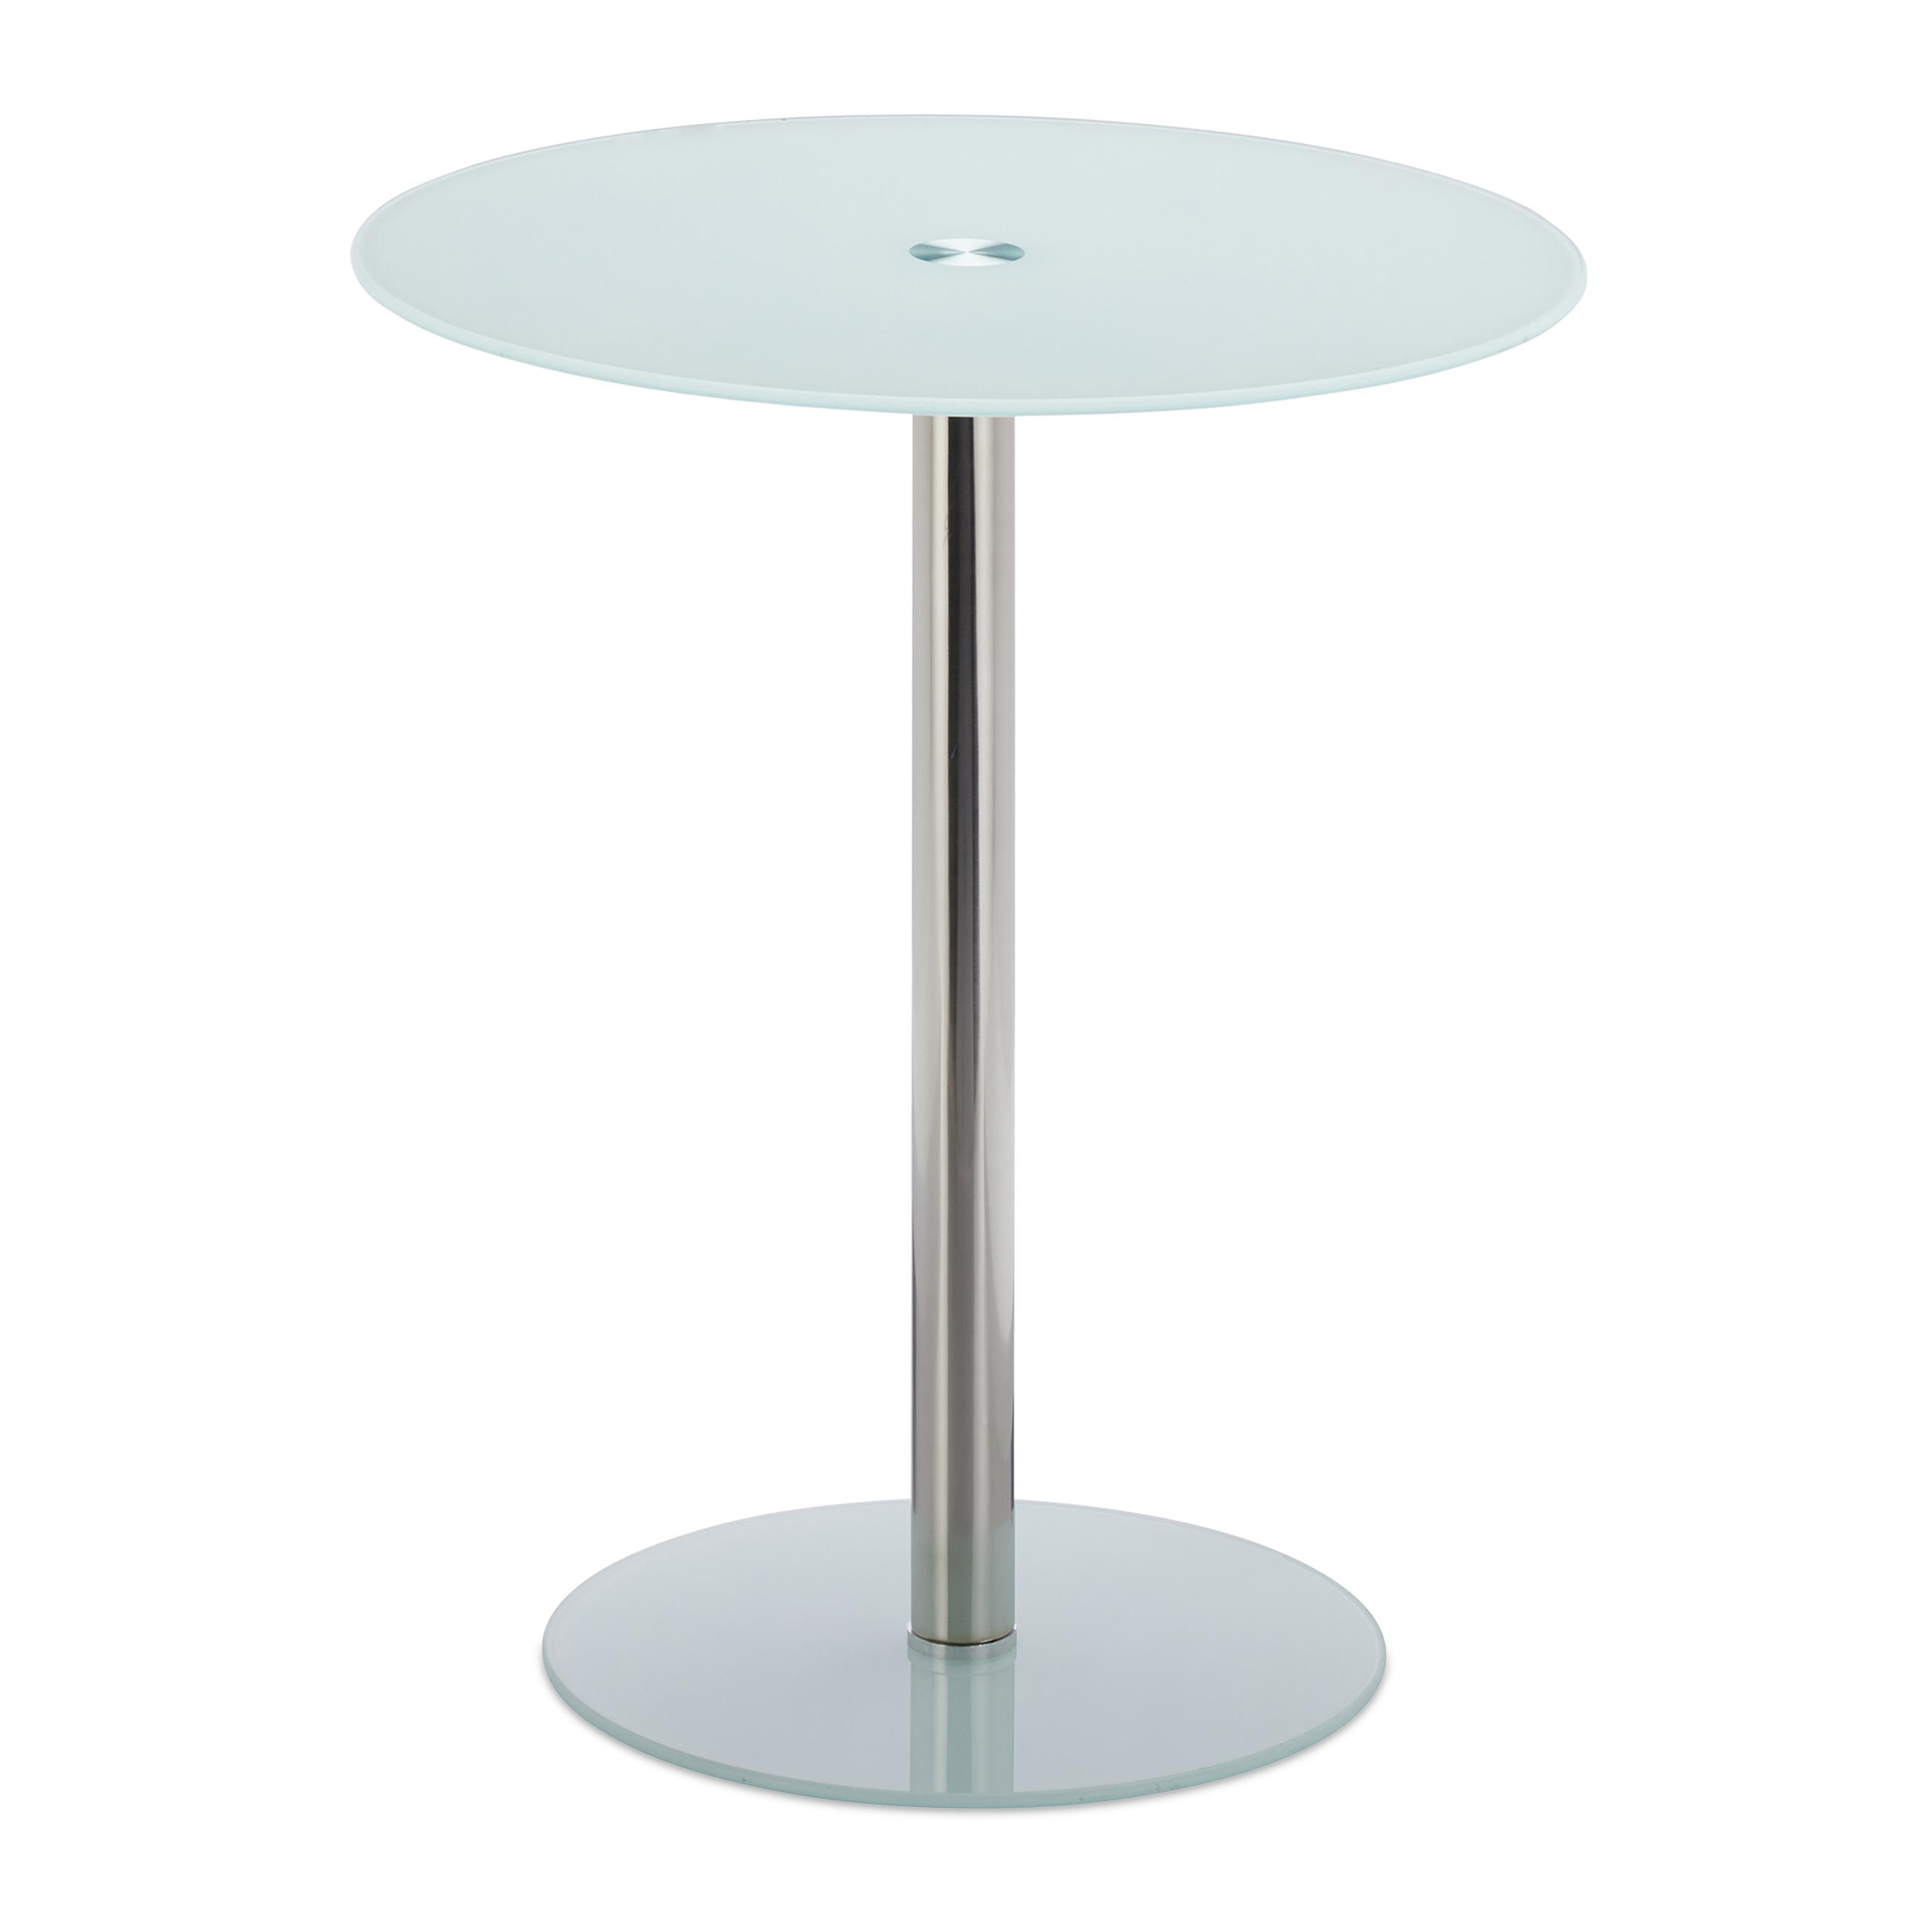 Beistelltisch glas edelstahl rund designertisch sofatisch for Beistelltisch glas edelstahl